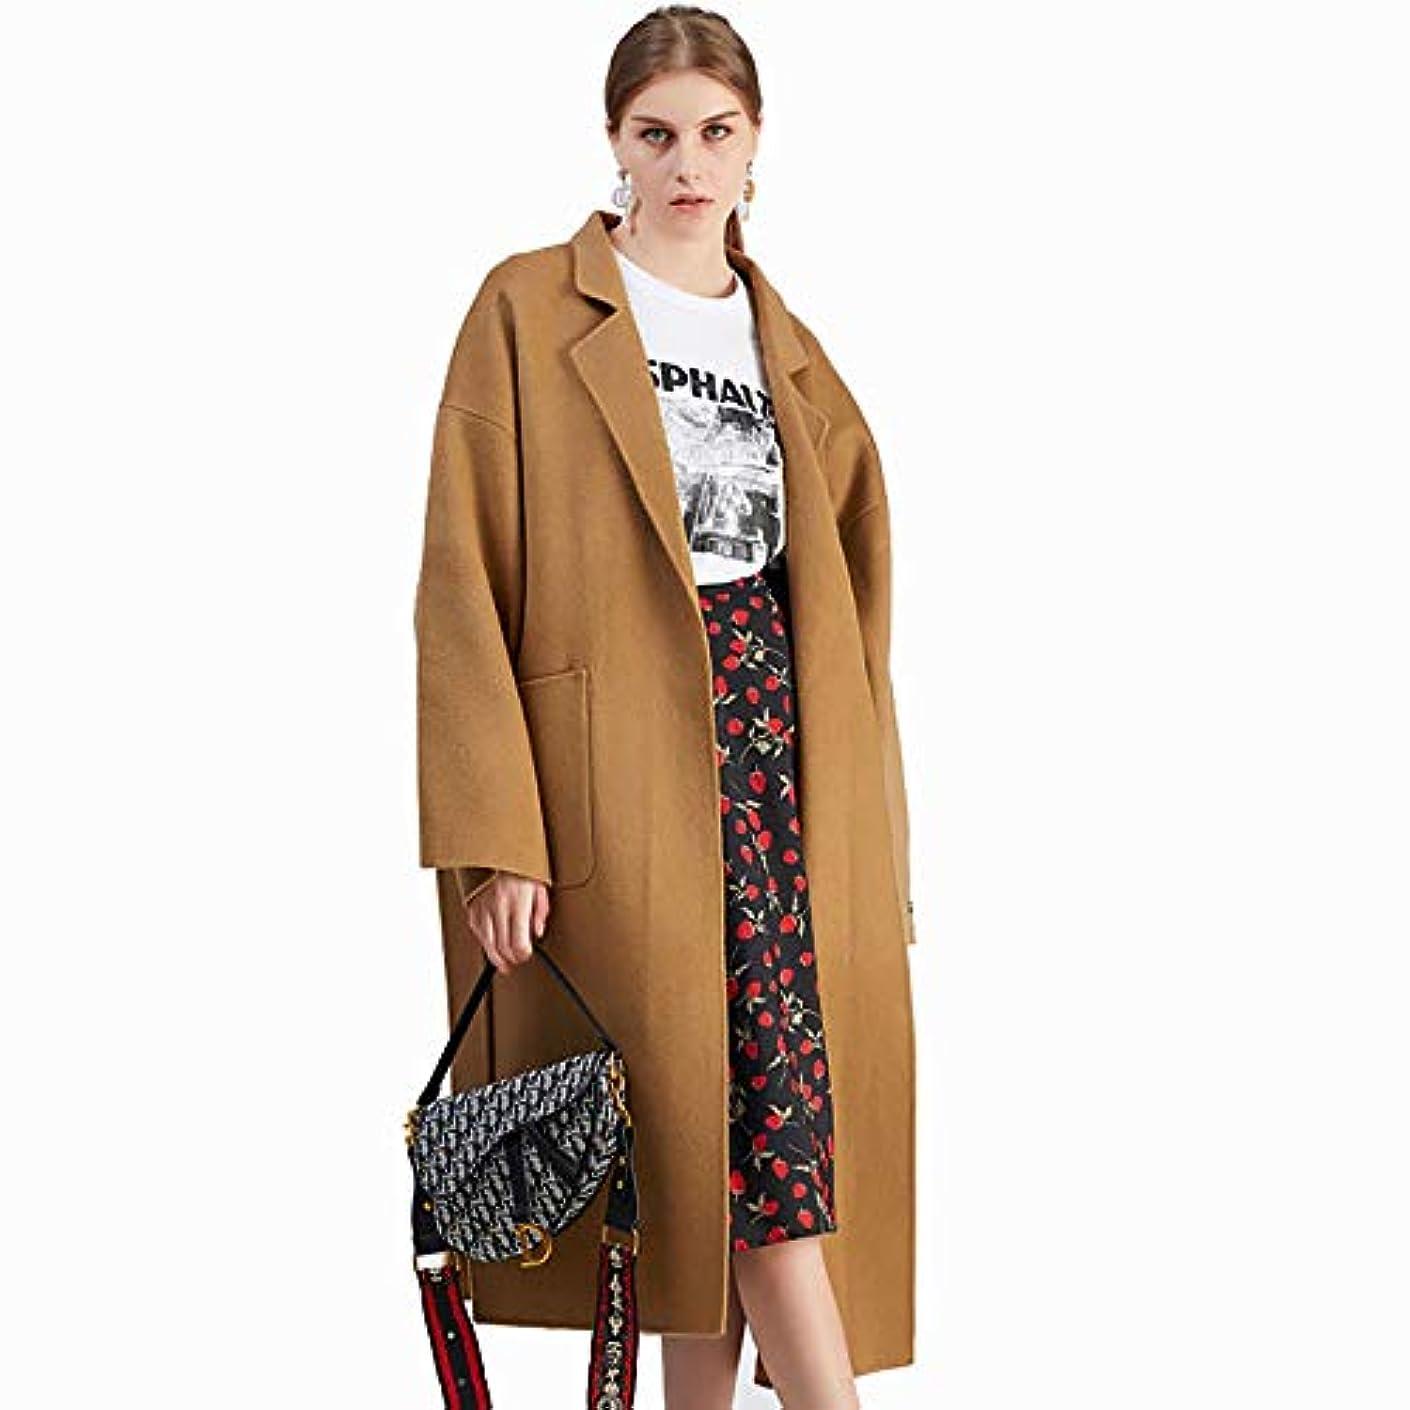 暗殺する侵入最大限ロングコート、秋と冬のカシミヤのコート、ロング両面のウールコート手作り婦人服レディースコートレディースウインドブレーカージャケット